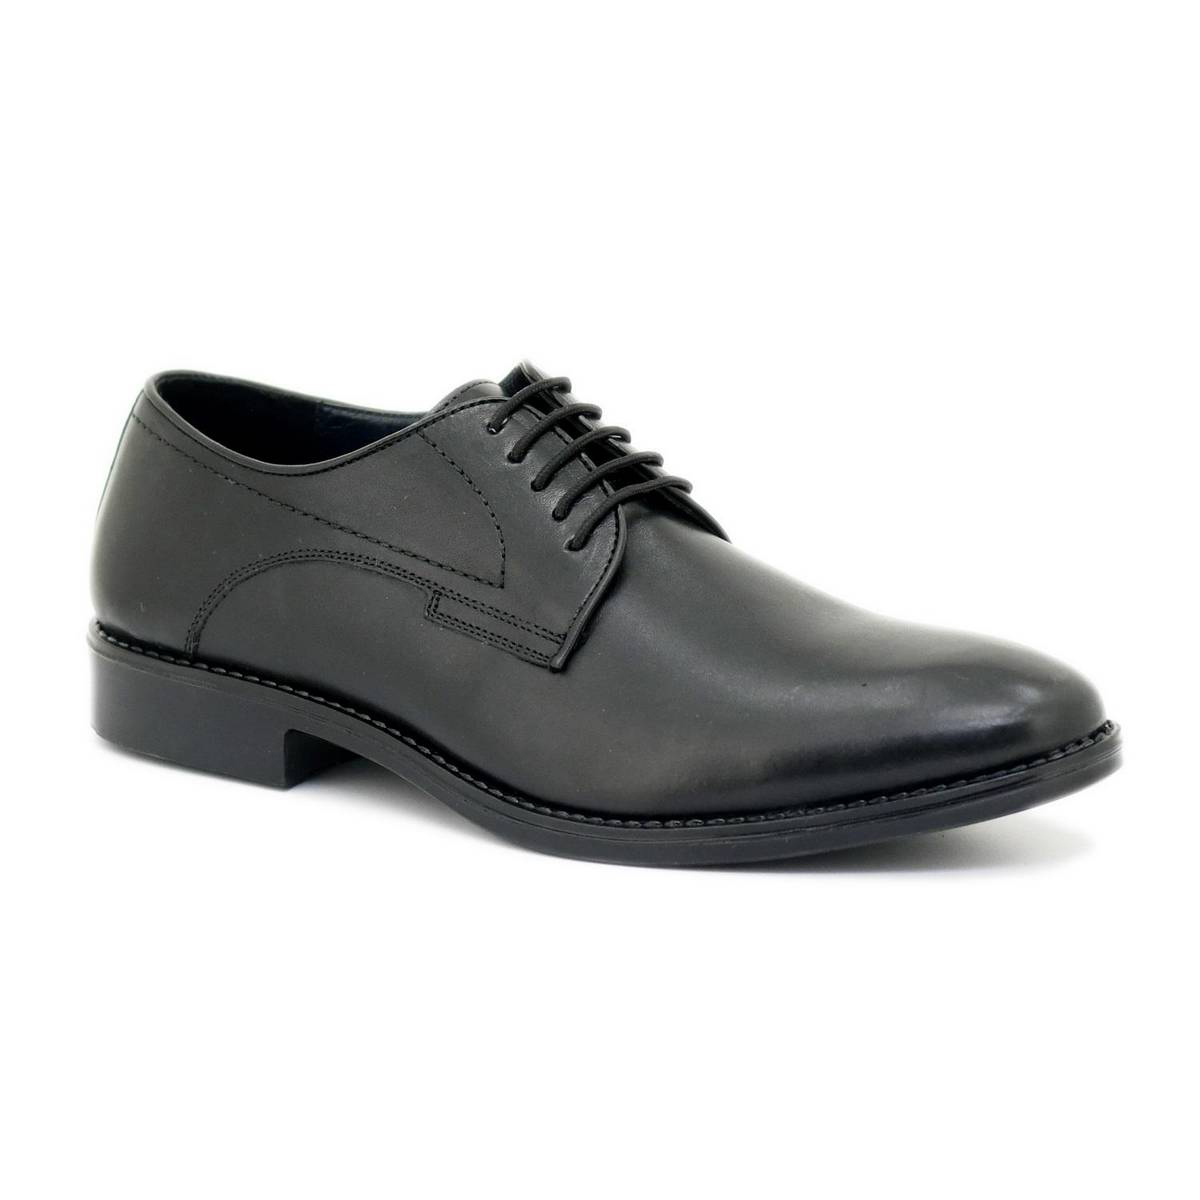 Bata Black Formal Shoes for Men